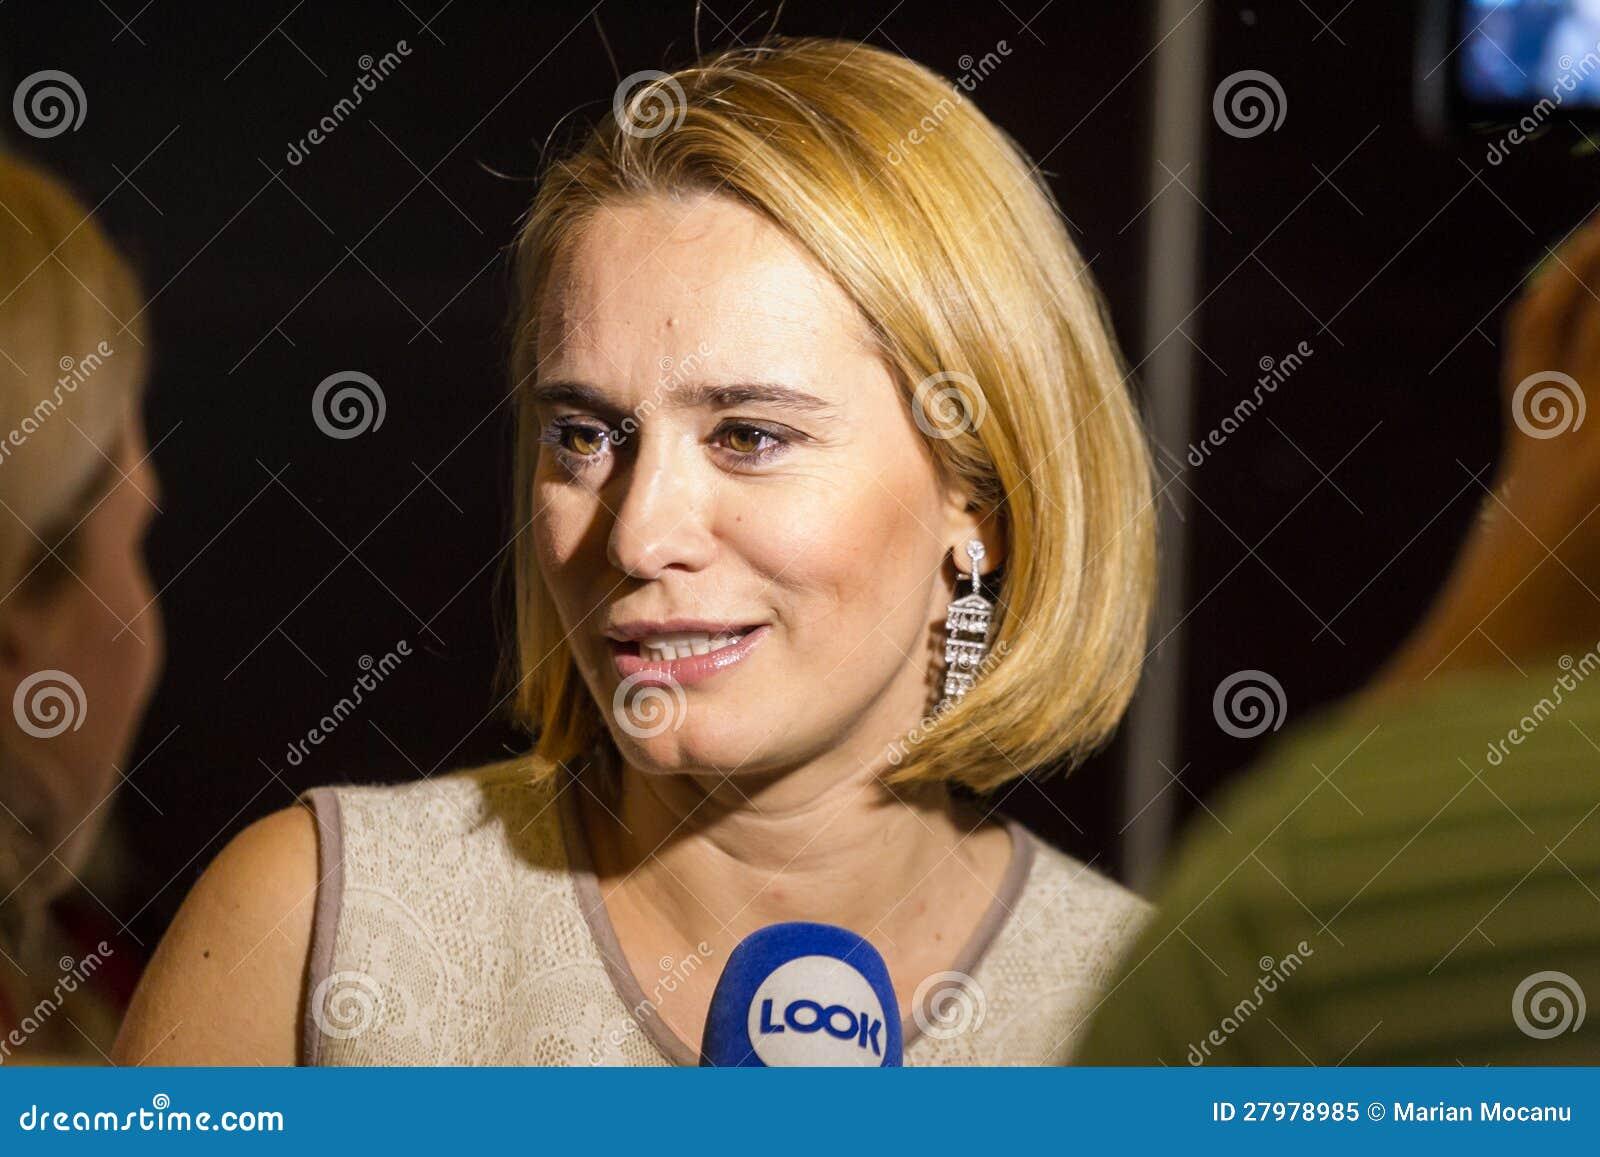 Pro TV se prăbușește! Ce spune Esca despre viitorul ei la ...  |Andreea Esca